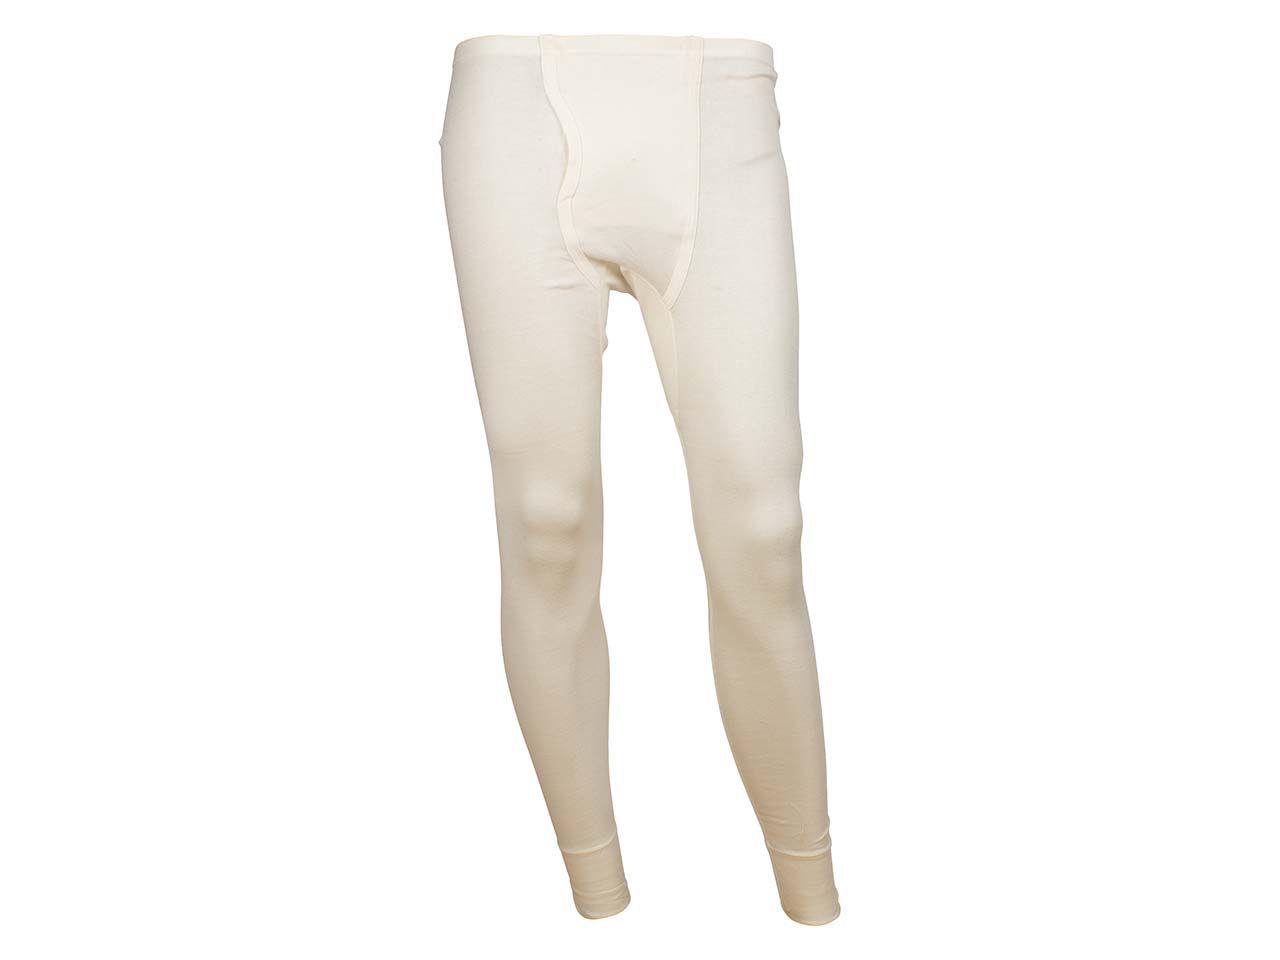 Living Crafts Herren-Unterhose lang aus Bio-Baumwolle natur, Gr. L 4365016